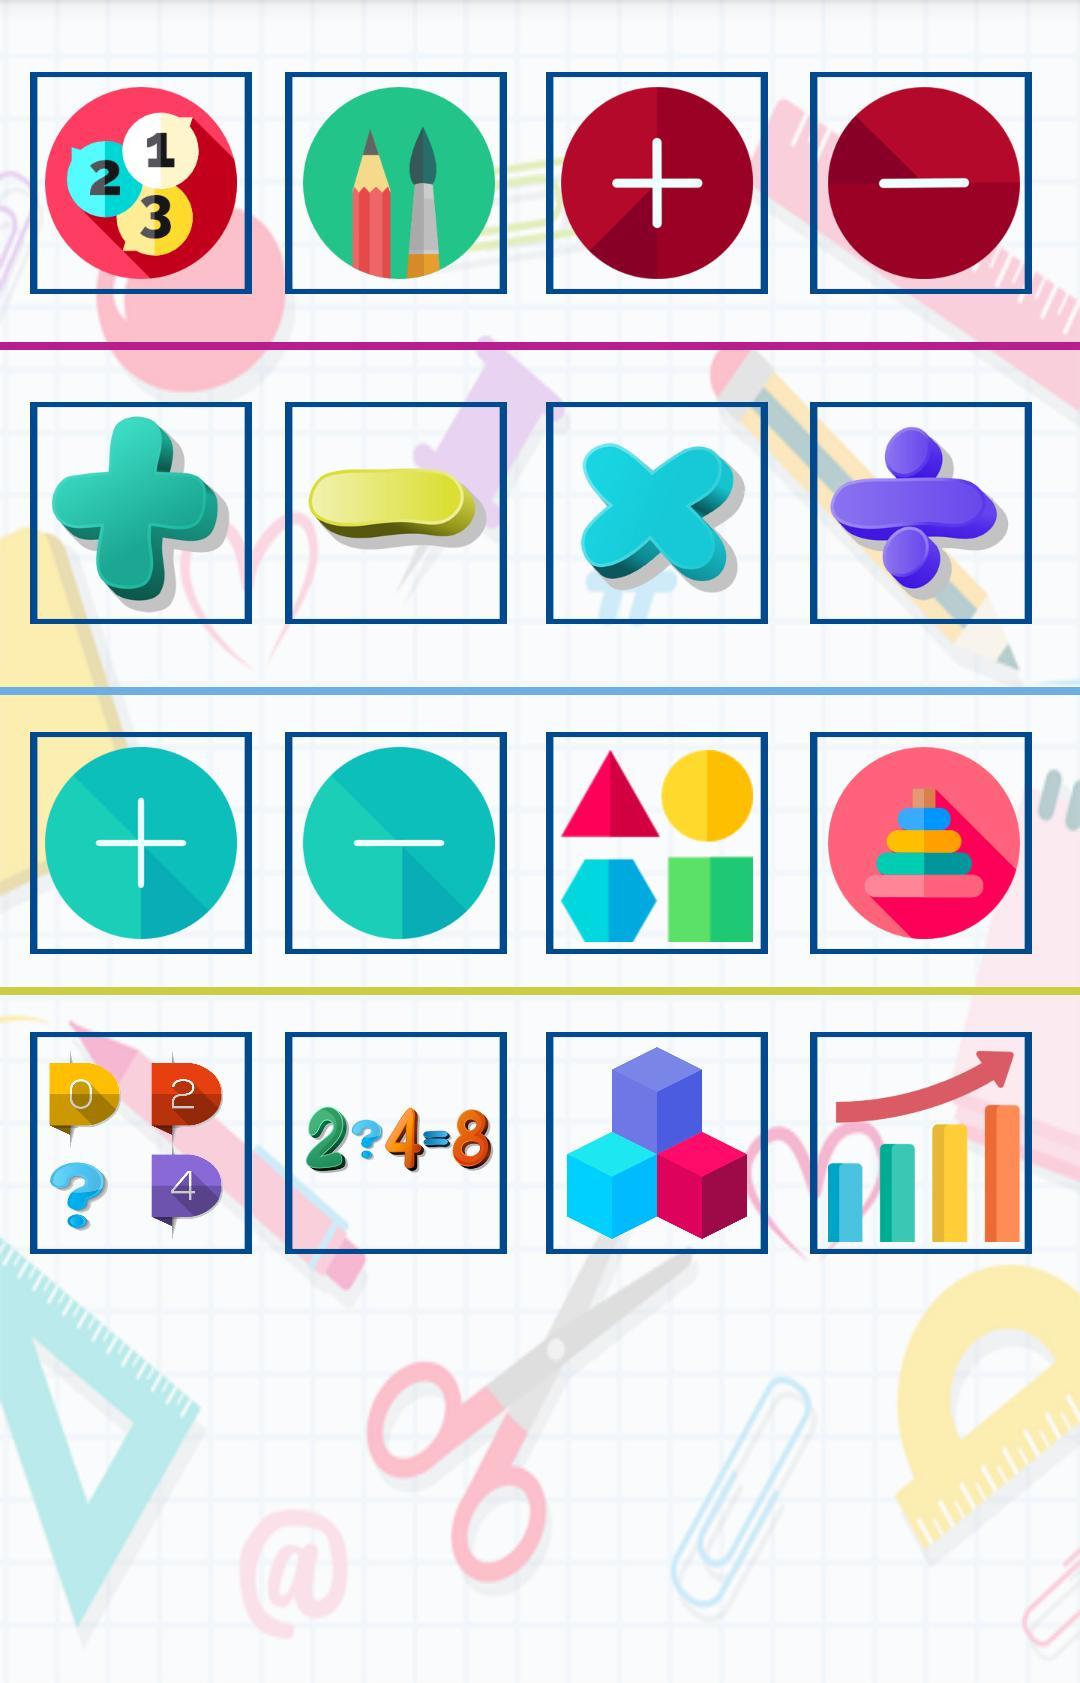 Jeu D'intelligence Mathématique Pour Enfants Pour Android intérieur Jeux Intelligents Pour Enfants